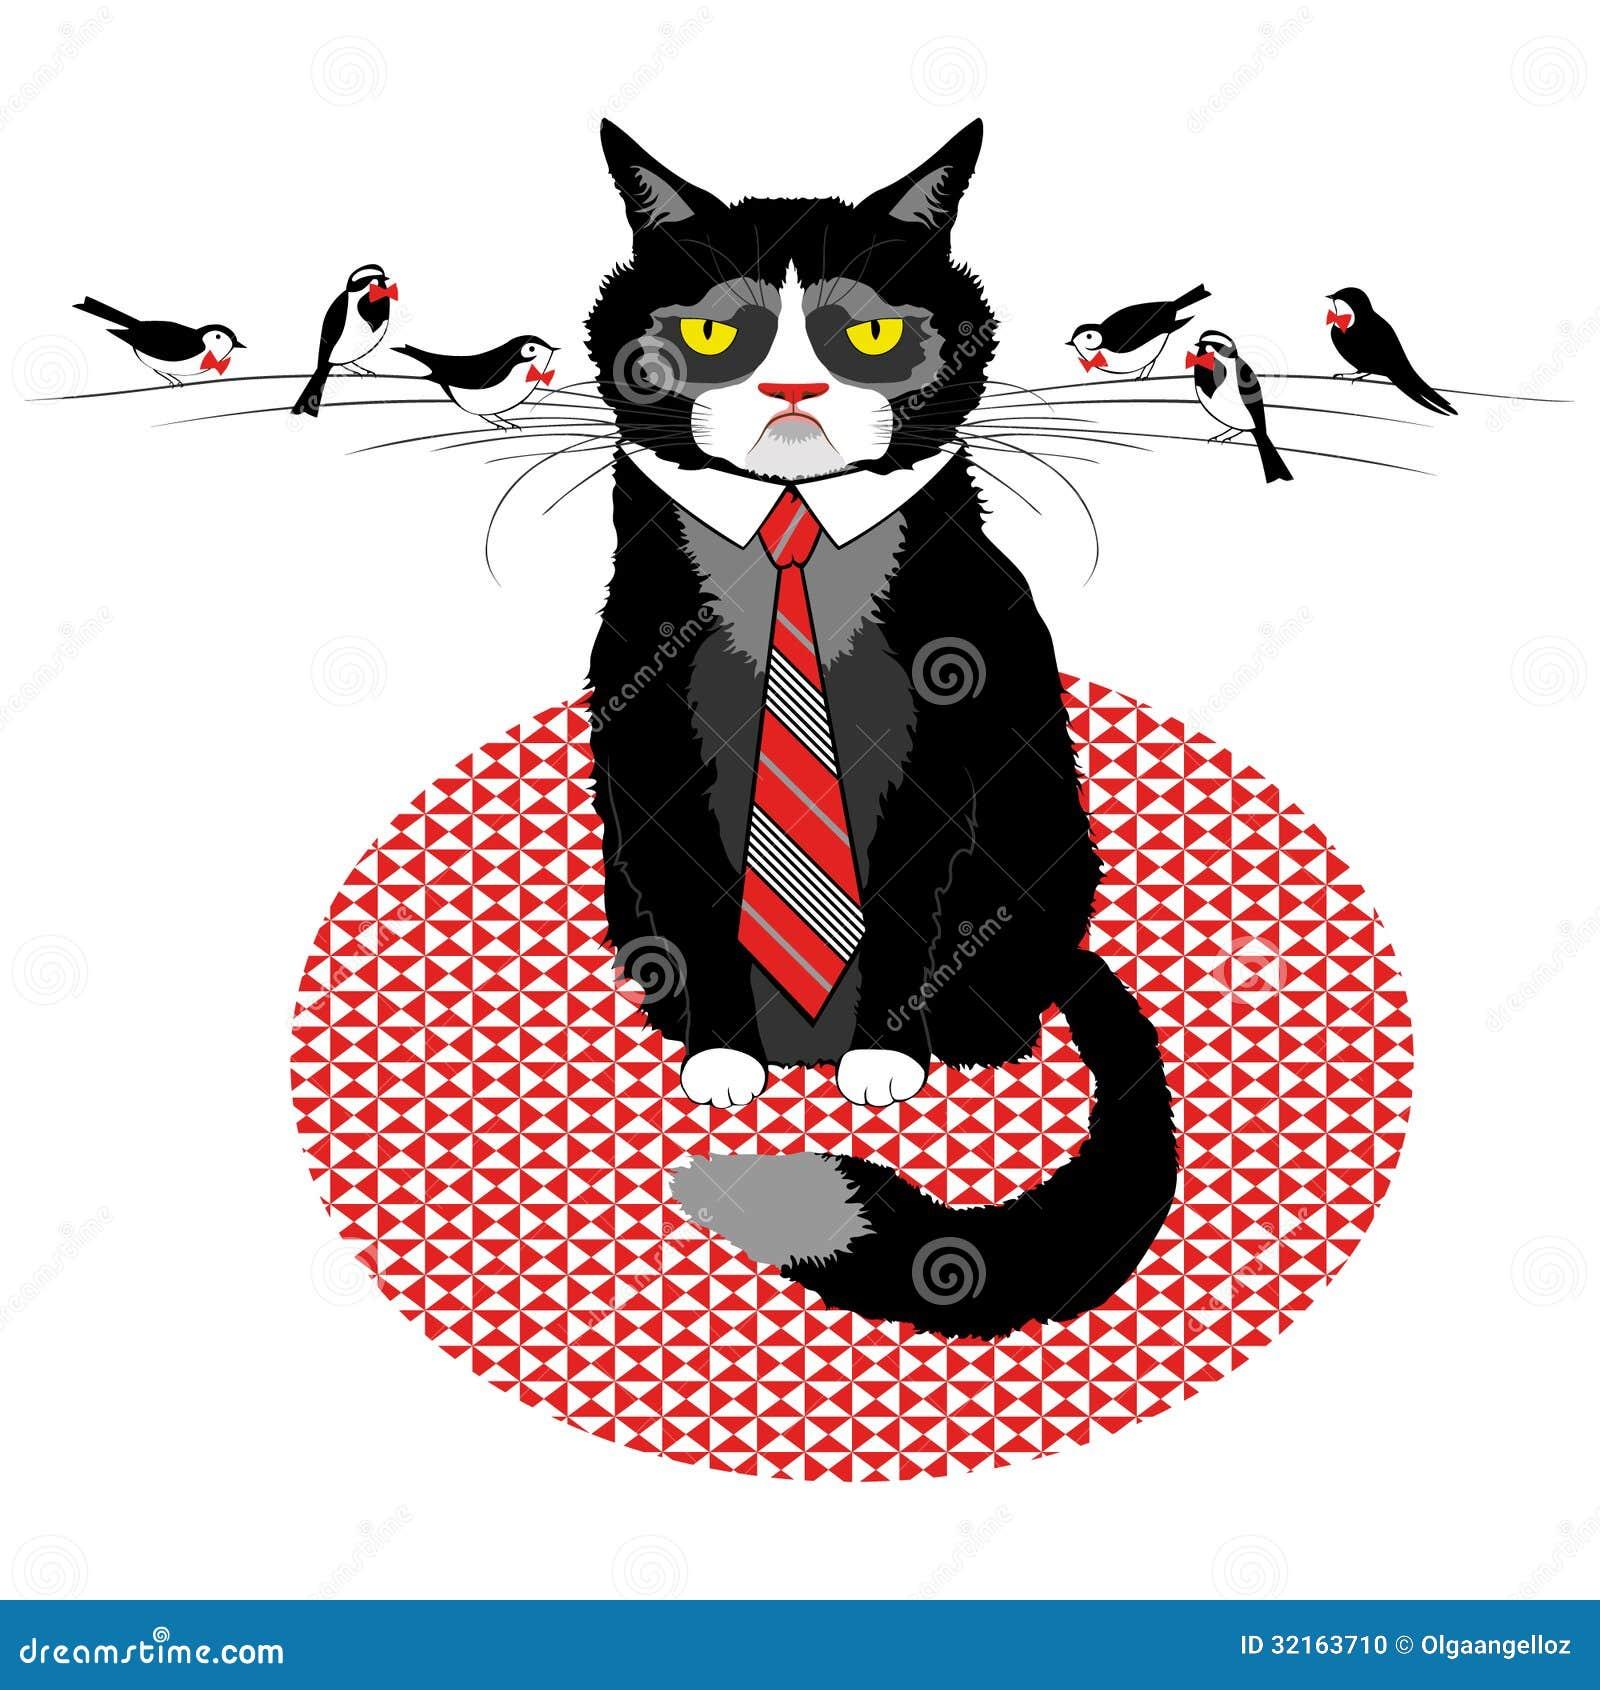 Solicitud cambio de nickname Business-cat-tie-birds-negotiation-look-vector-illustration-32163710